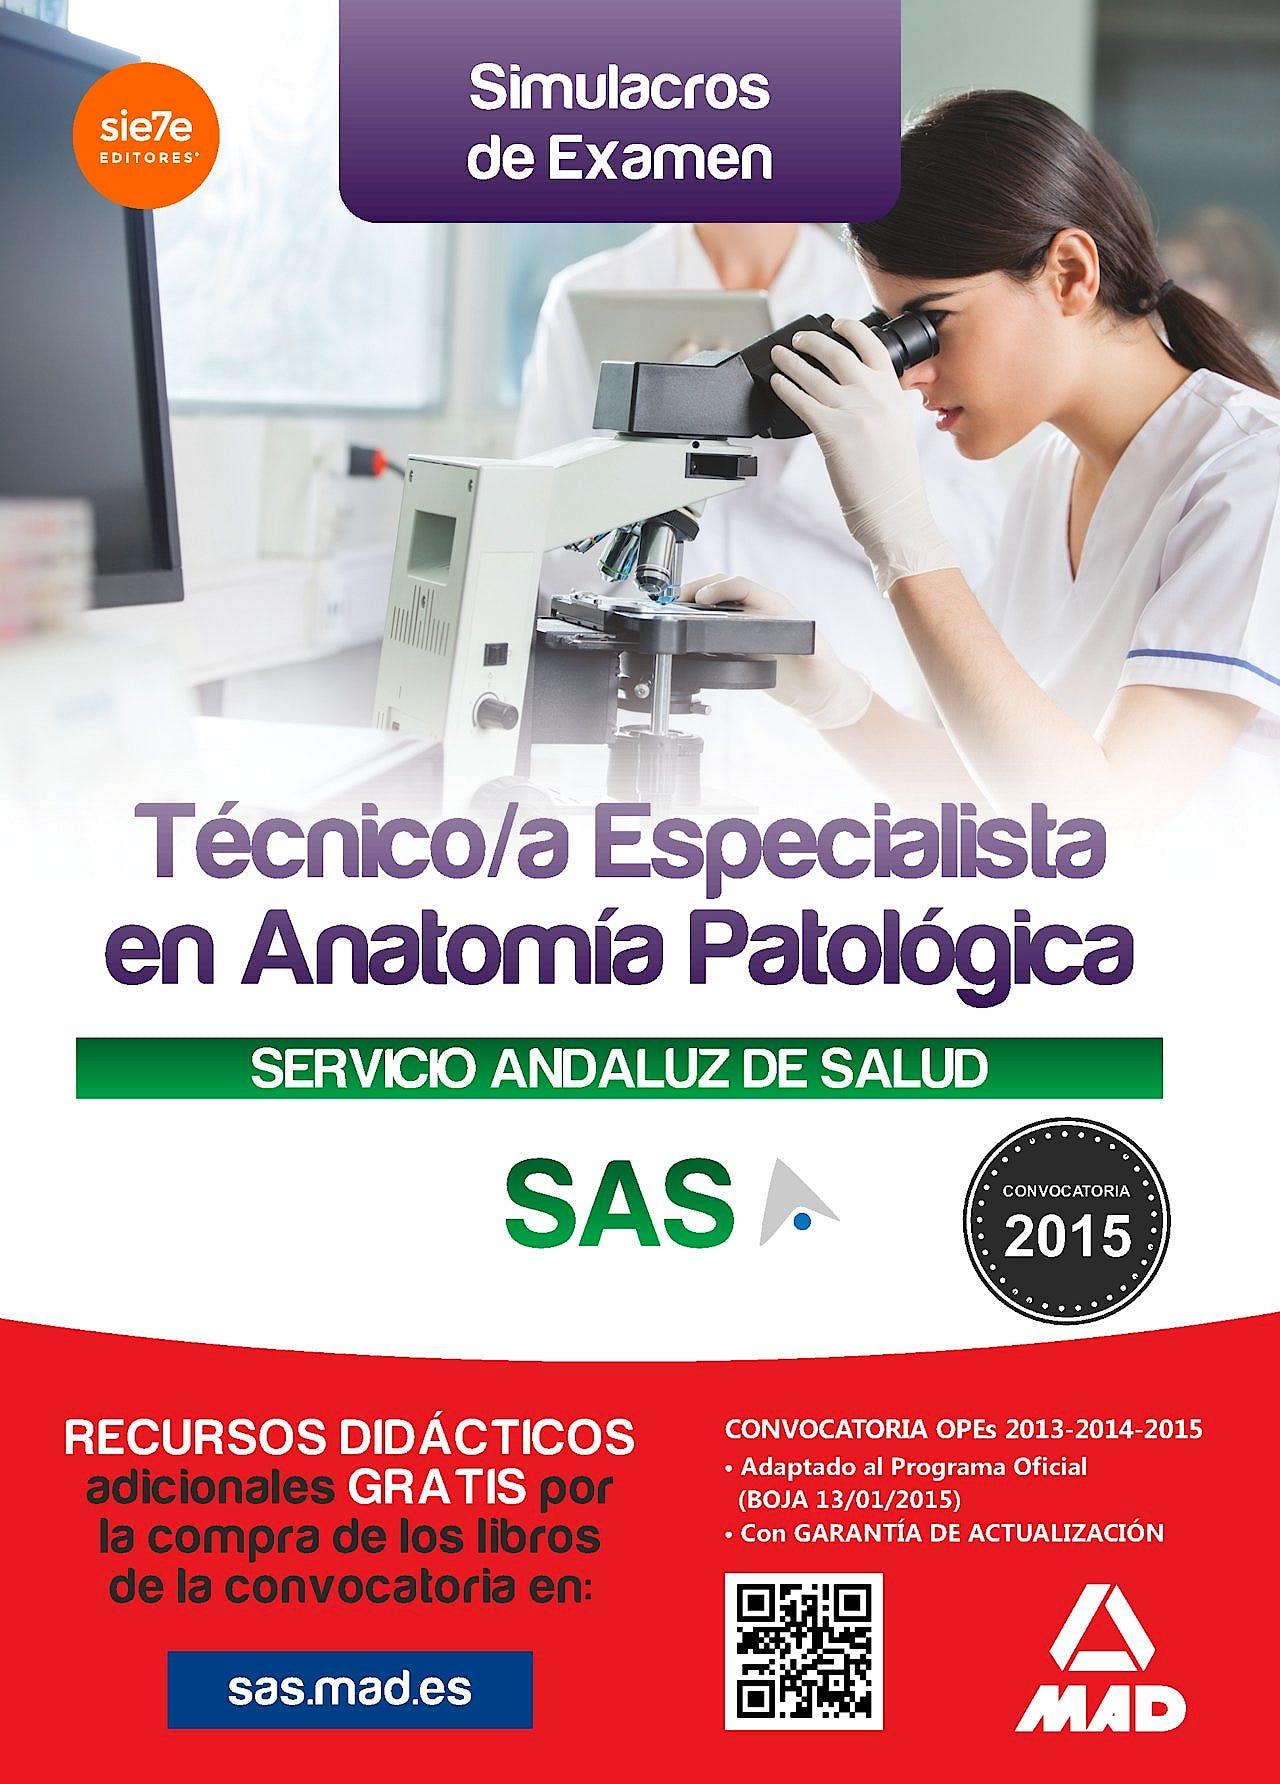 Portada del libro 9788490935514 Tecnico/a Especialista en Anatomia Patologica Servicio Andaluz de Salud (SAS). Simulacros de Examen